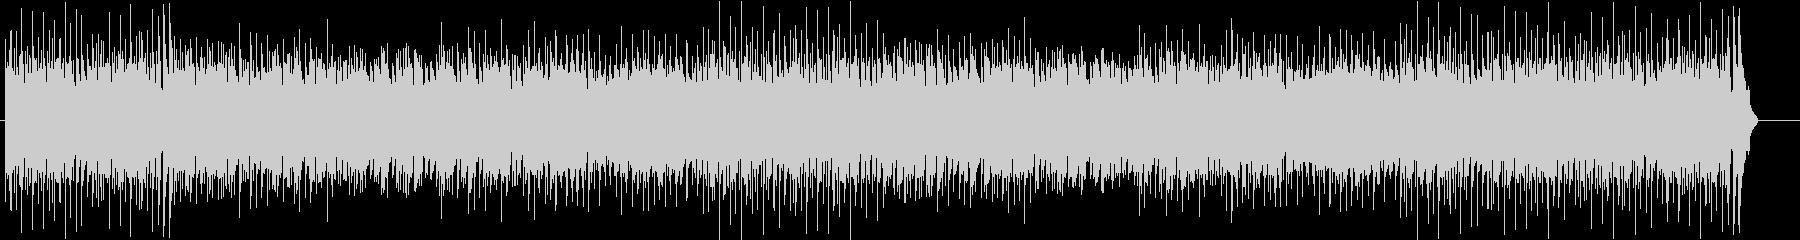 ほのぼのまったりしたカントリー調の曲の未再生の波形